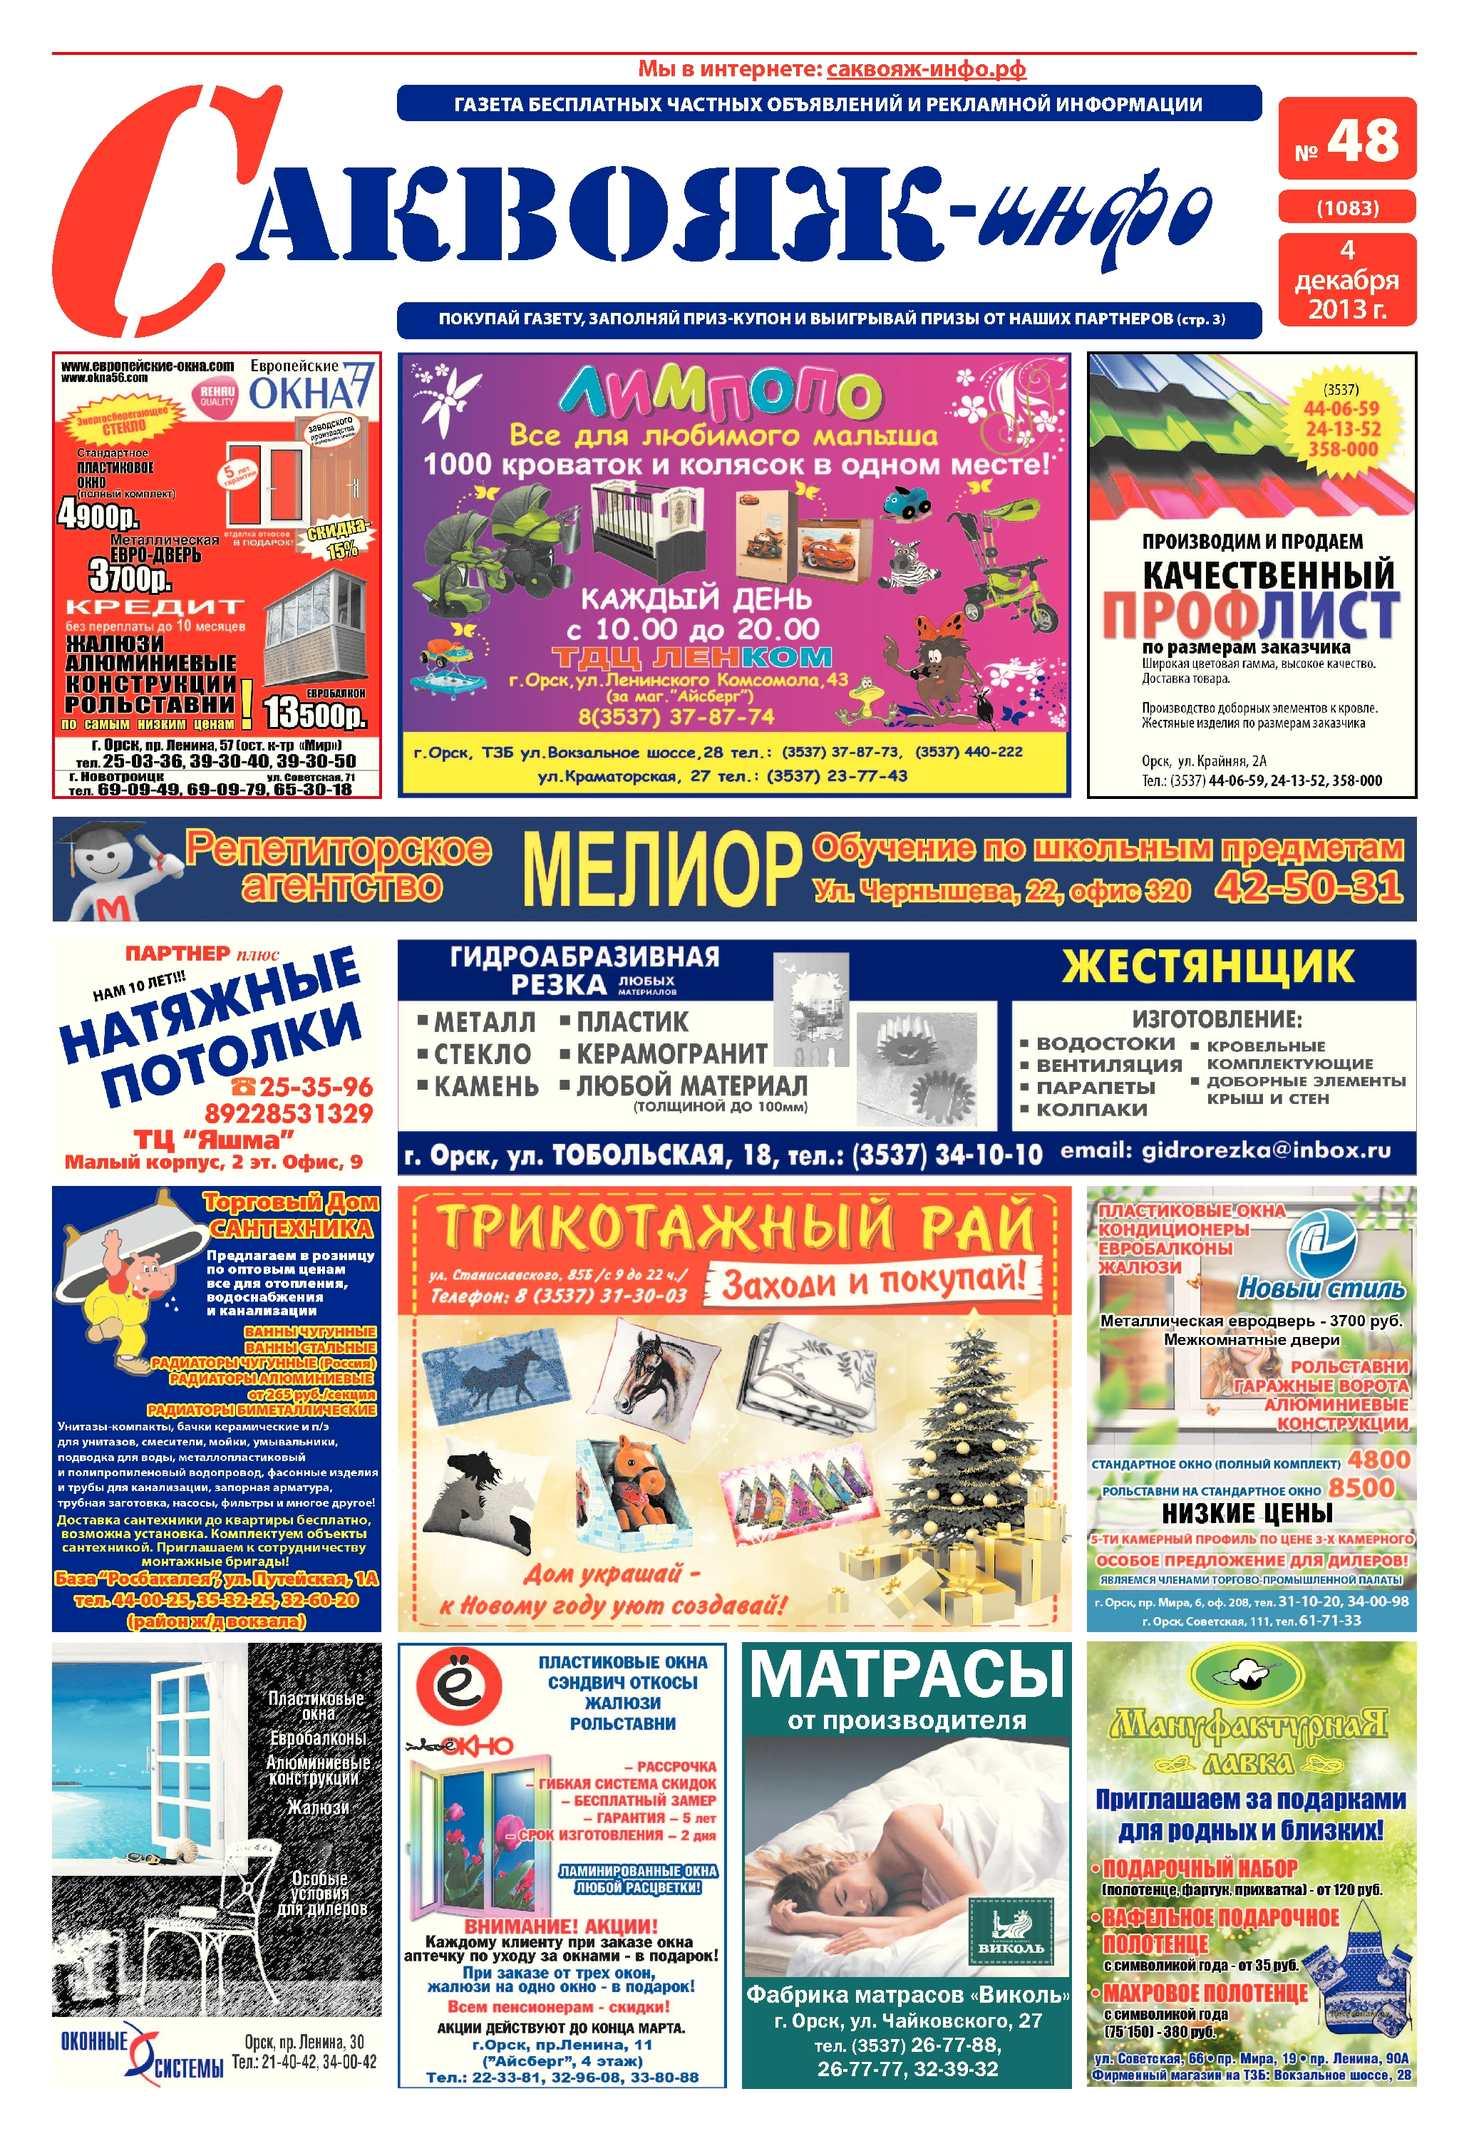 знакомства по бесплатные частные объявления дзержинск газета